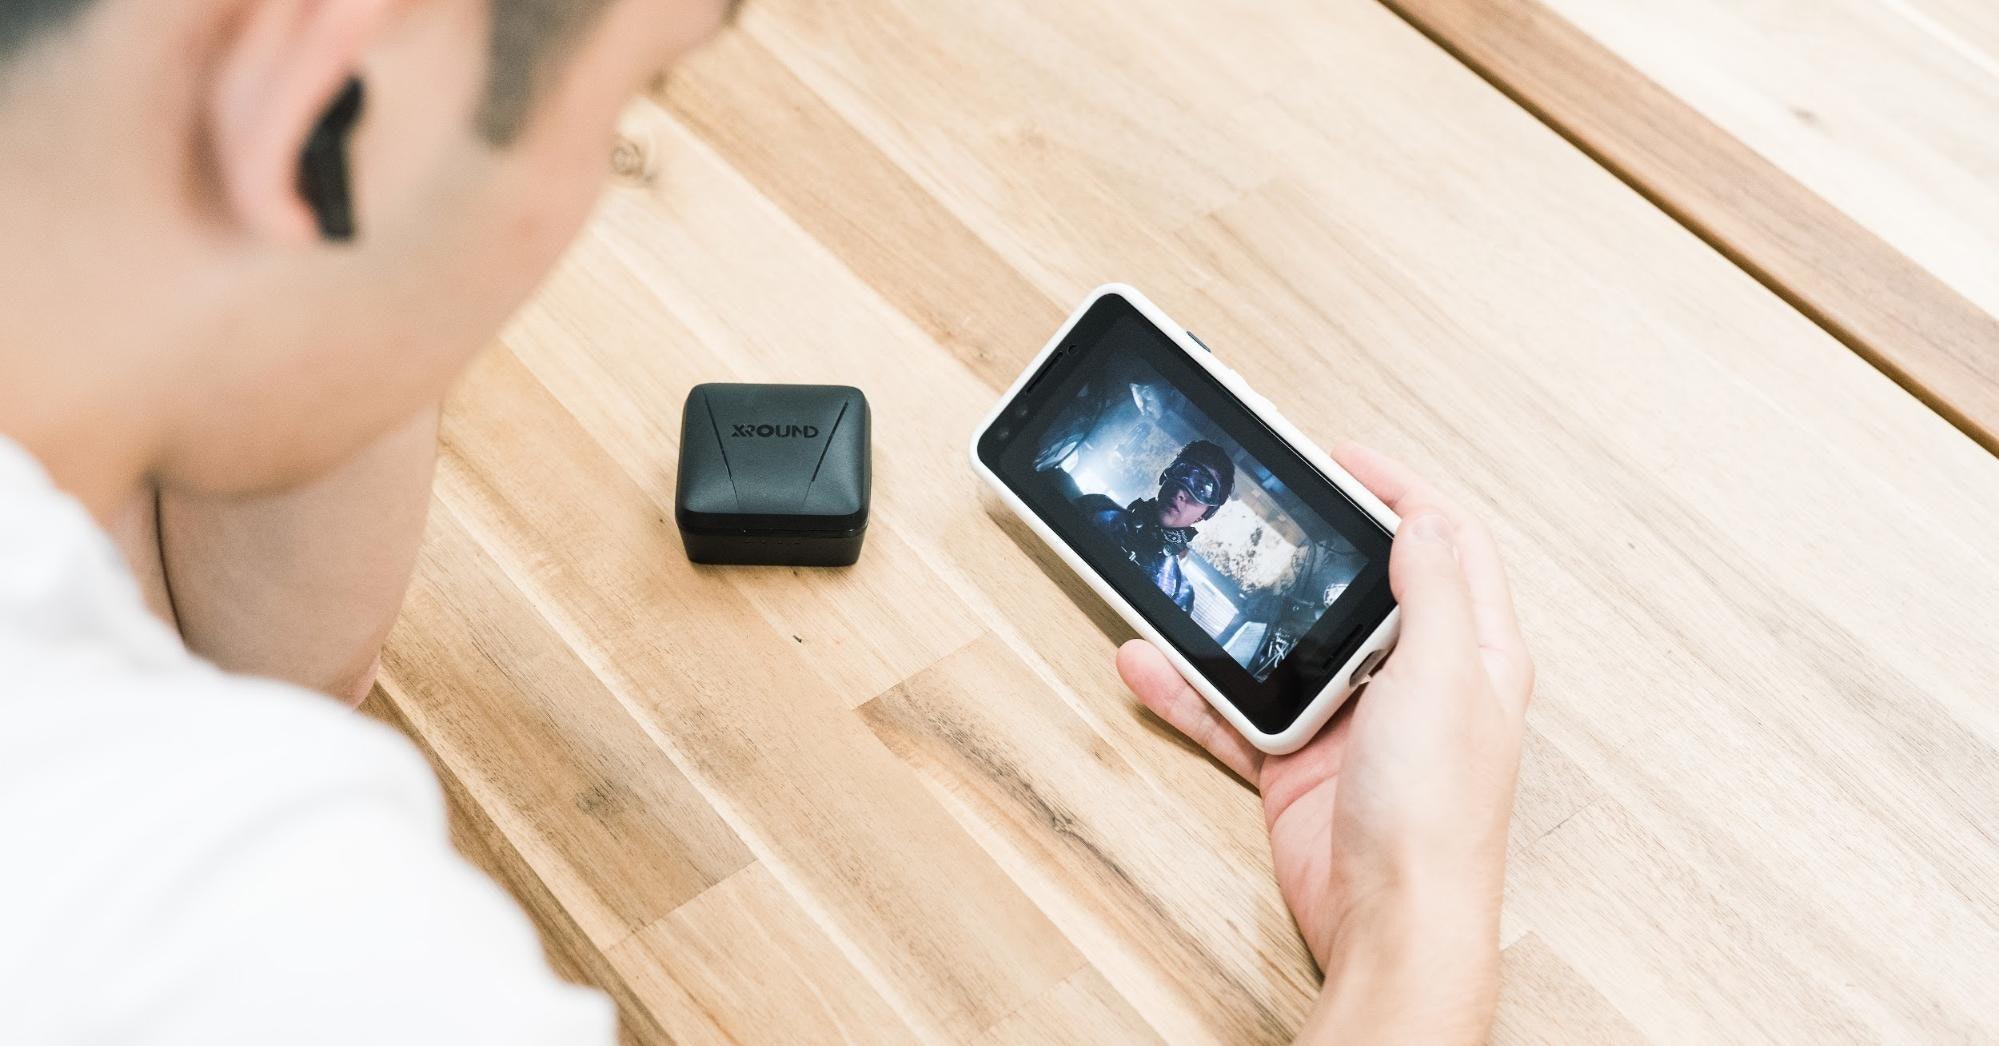 照片中提到了XOUND,包含了手機、手機、移動電話、產品設計、電子產品